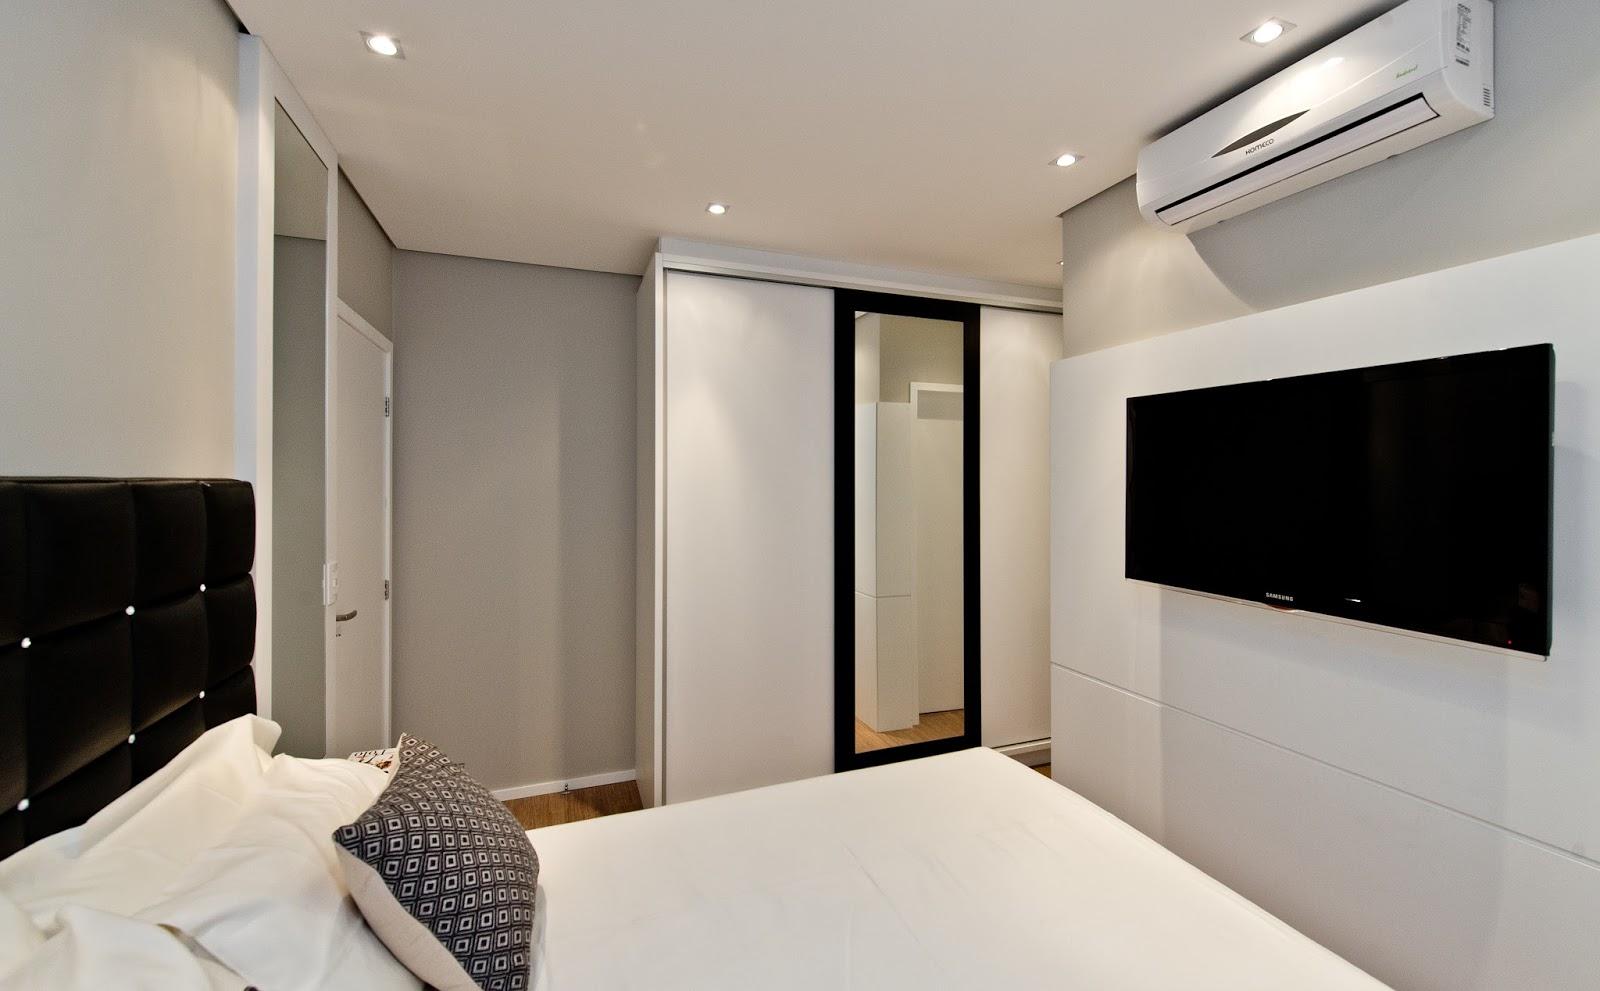 #624D3B  Amplia Espaços e Transforma Apartamento Compacto em Grande Lar 1600x991 px projeto banheiro compacto